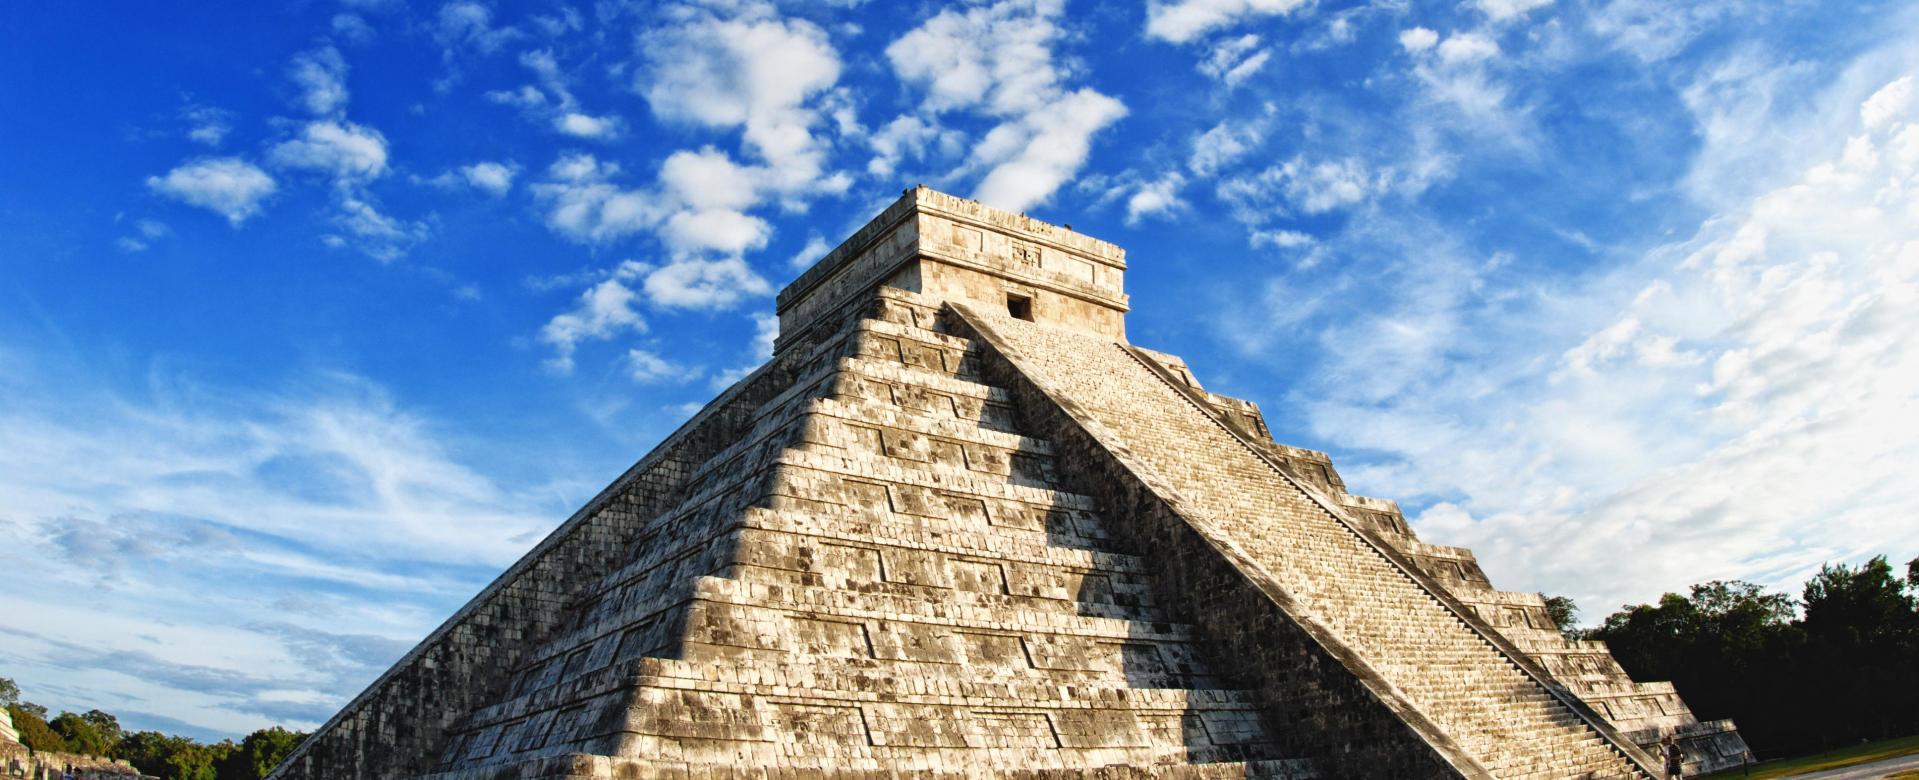 Voyage à pied : La traversée du mexique, de mexico au yucatán